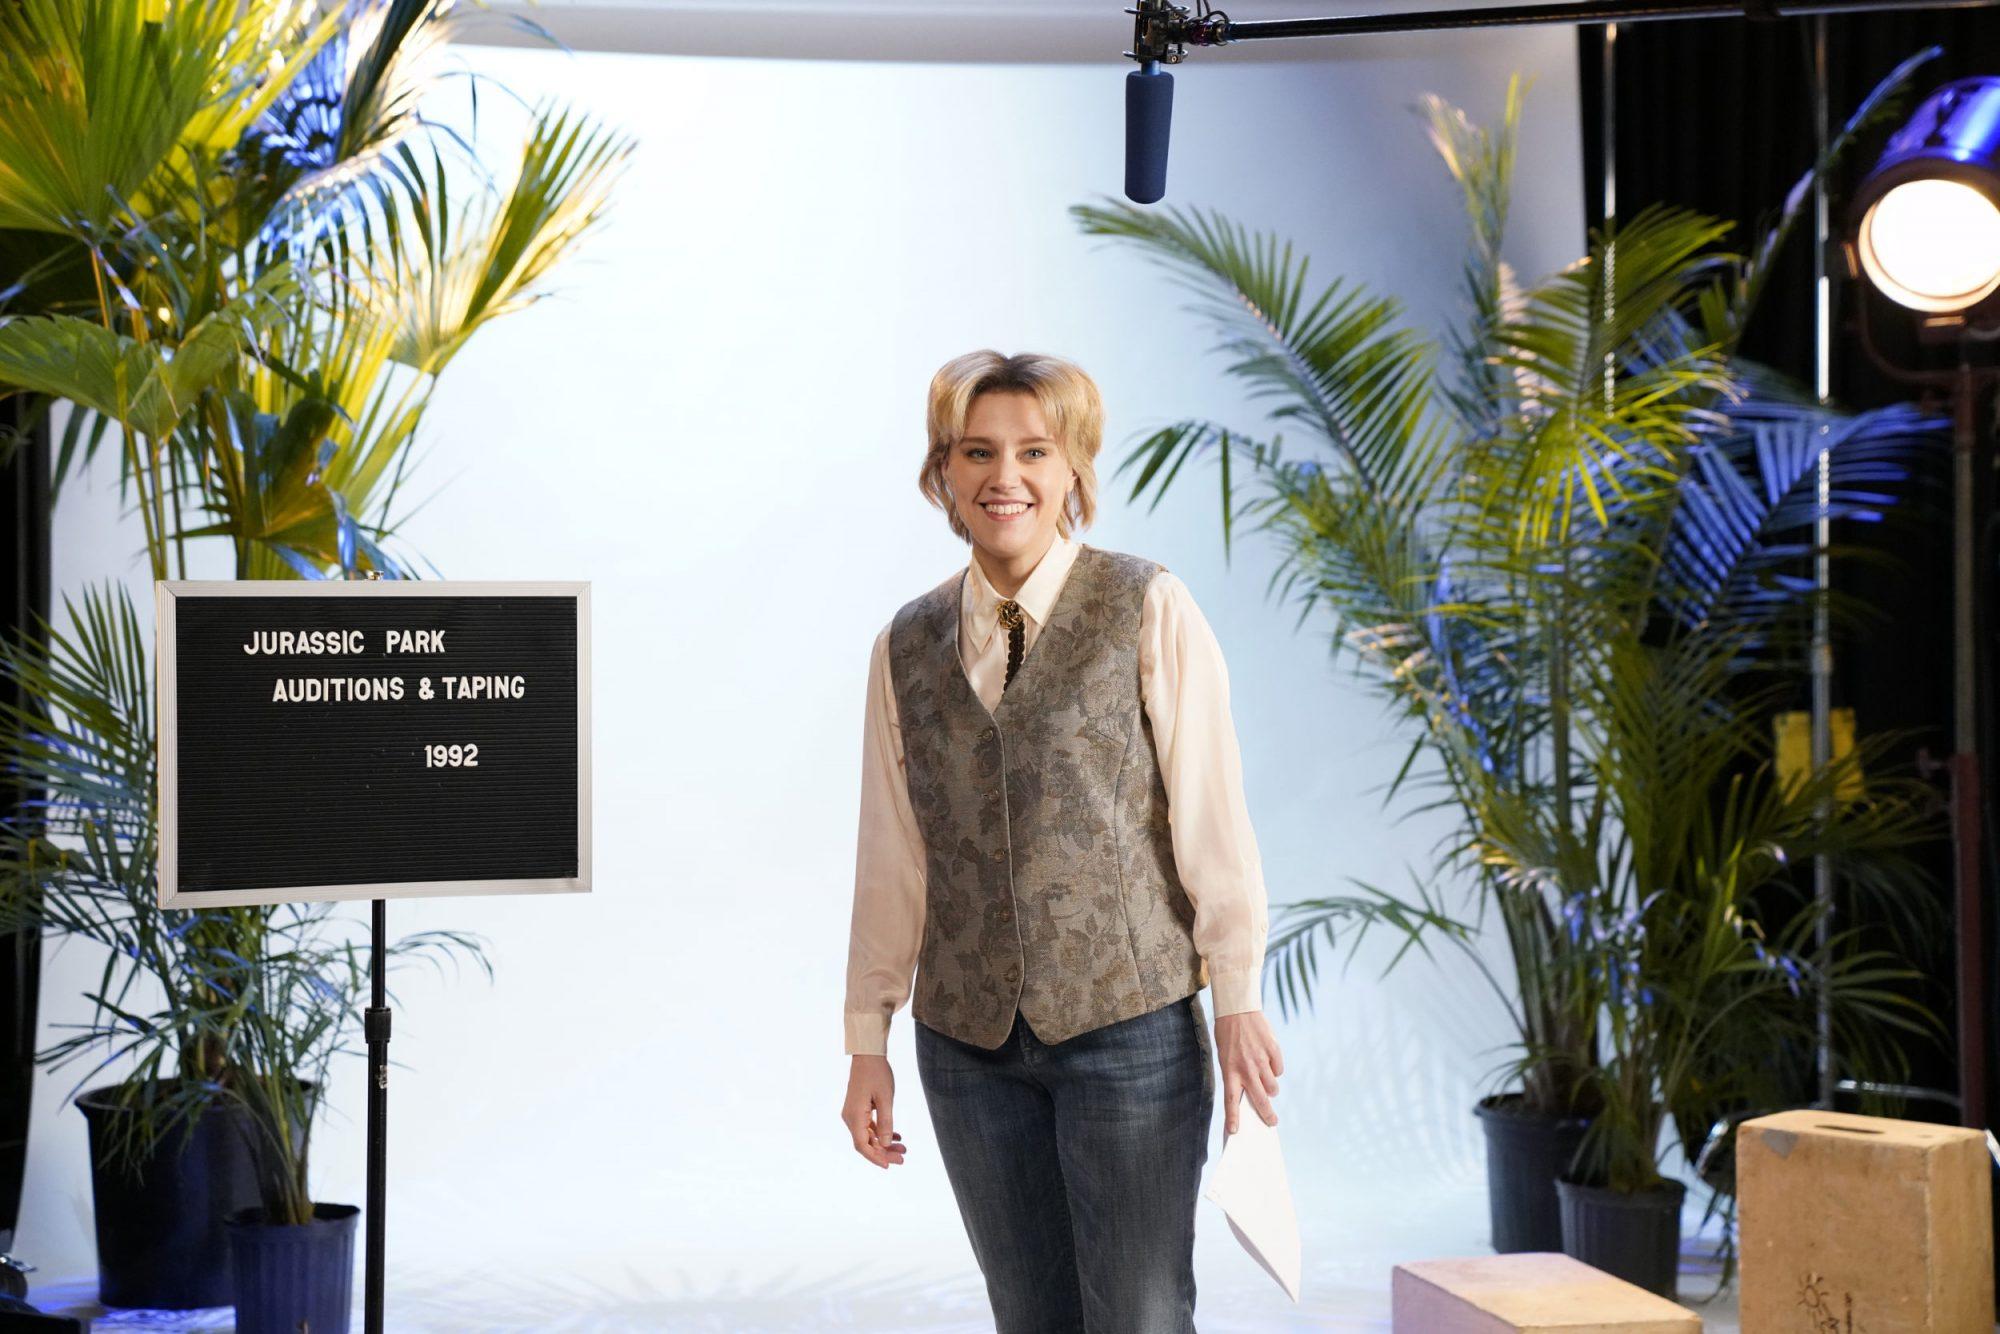 Photo of Kate McKinnon as Ellen DeGeneres During SNL Jurassic Park Auditions